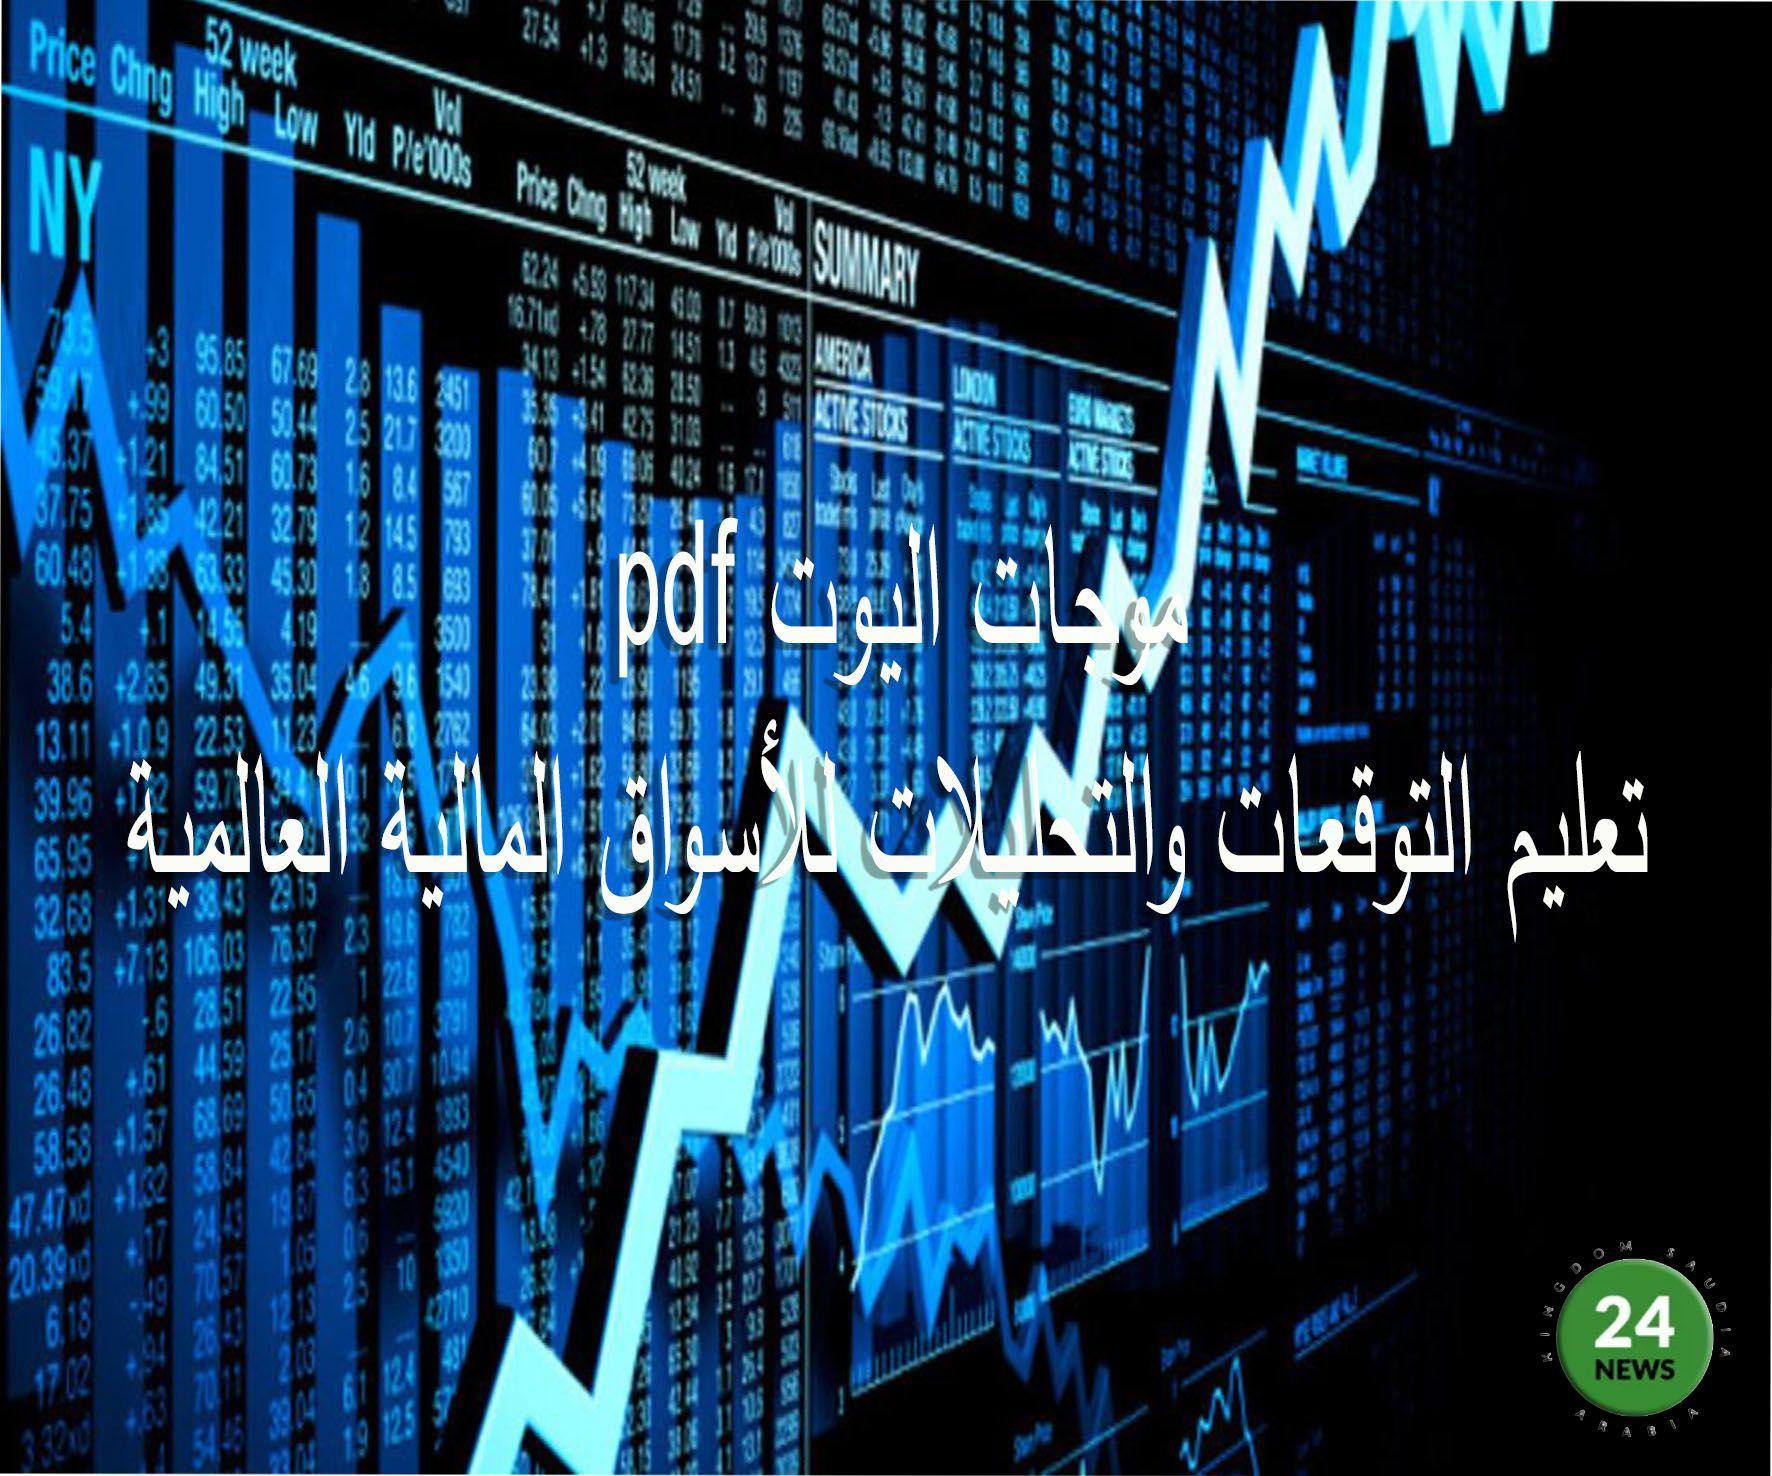 موجات اليوت Pdf تعليم التوقعات والتحليلات للأسواق المالية العالمية Wave Theory Waves Technical Analysis